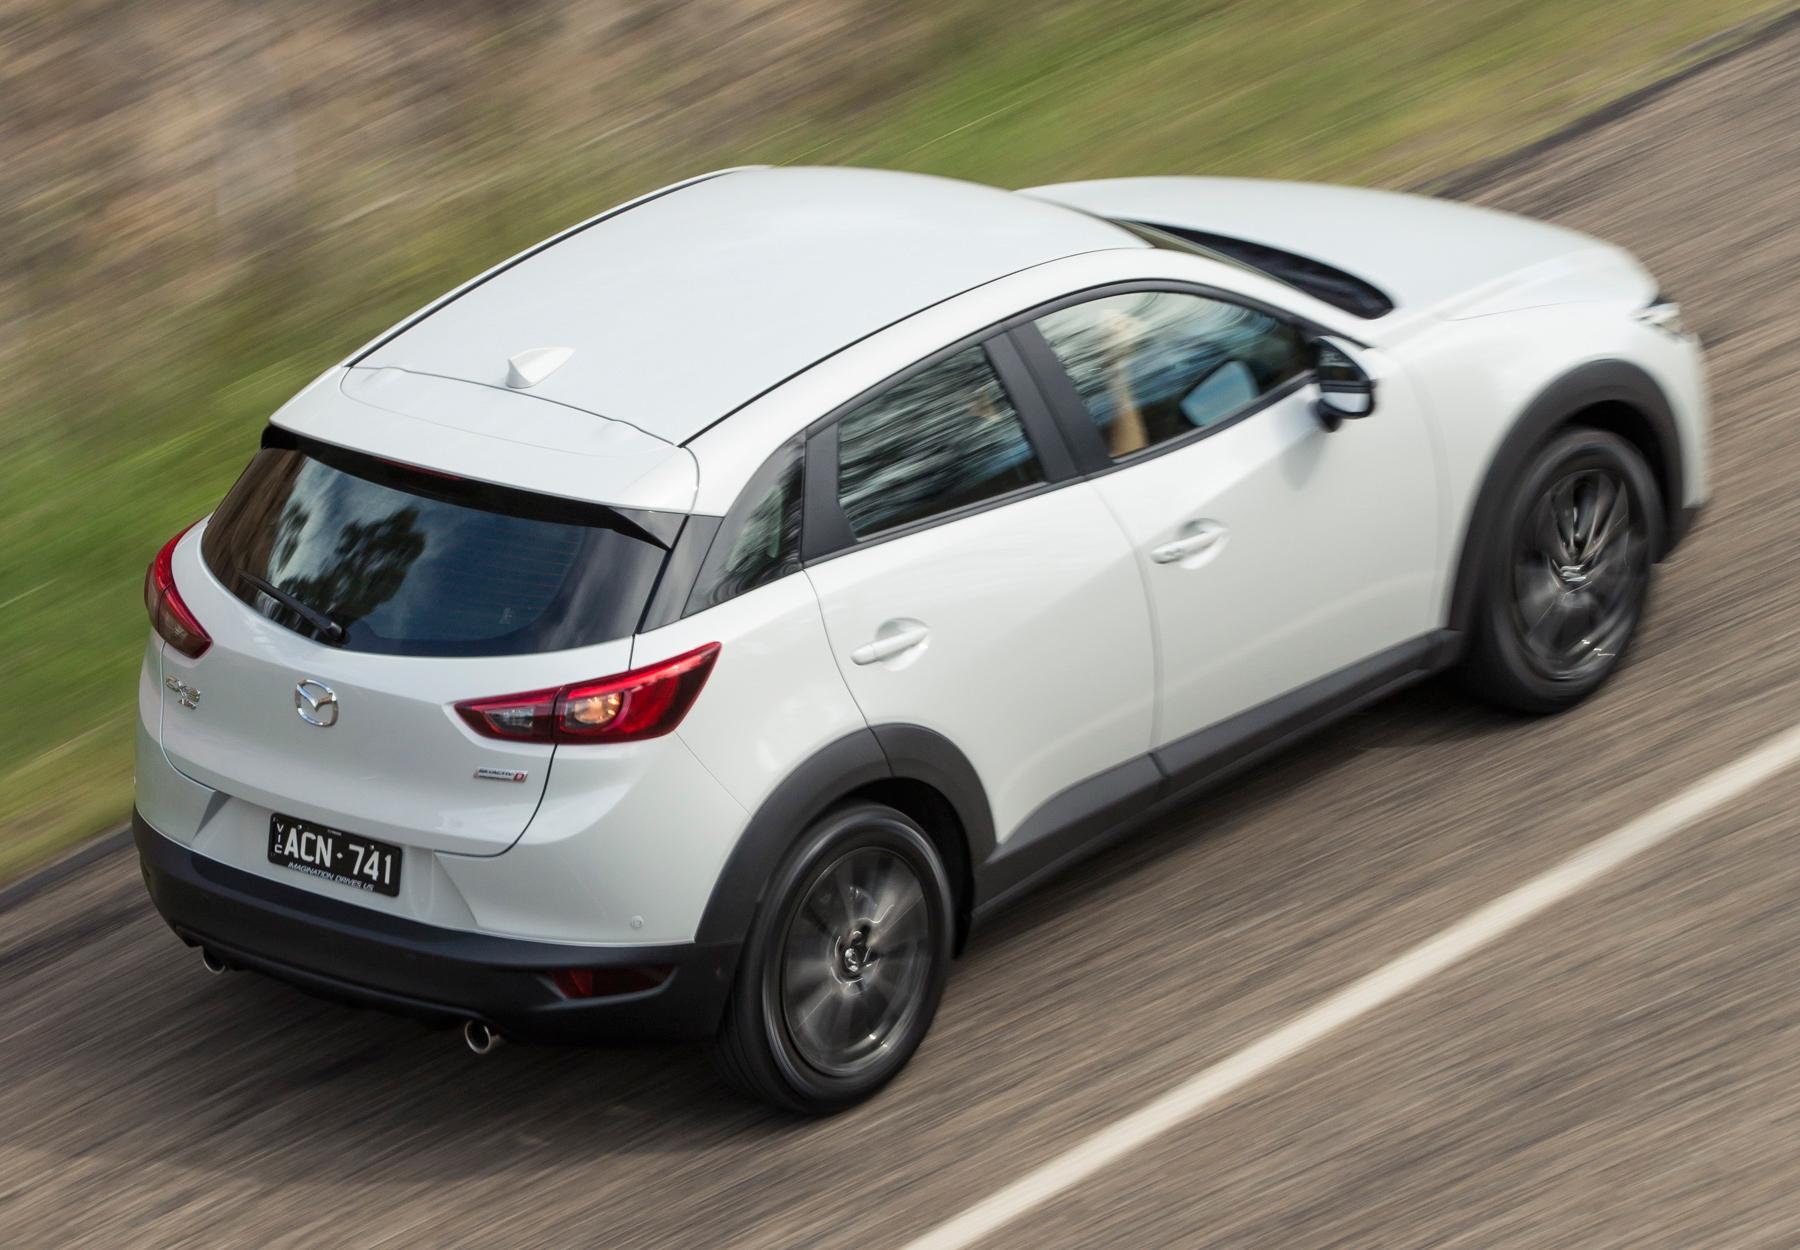 Mazda Cx 3 >> GALLERY: Mazda CX-3 – Australia gets four grades Image 319531